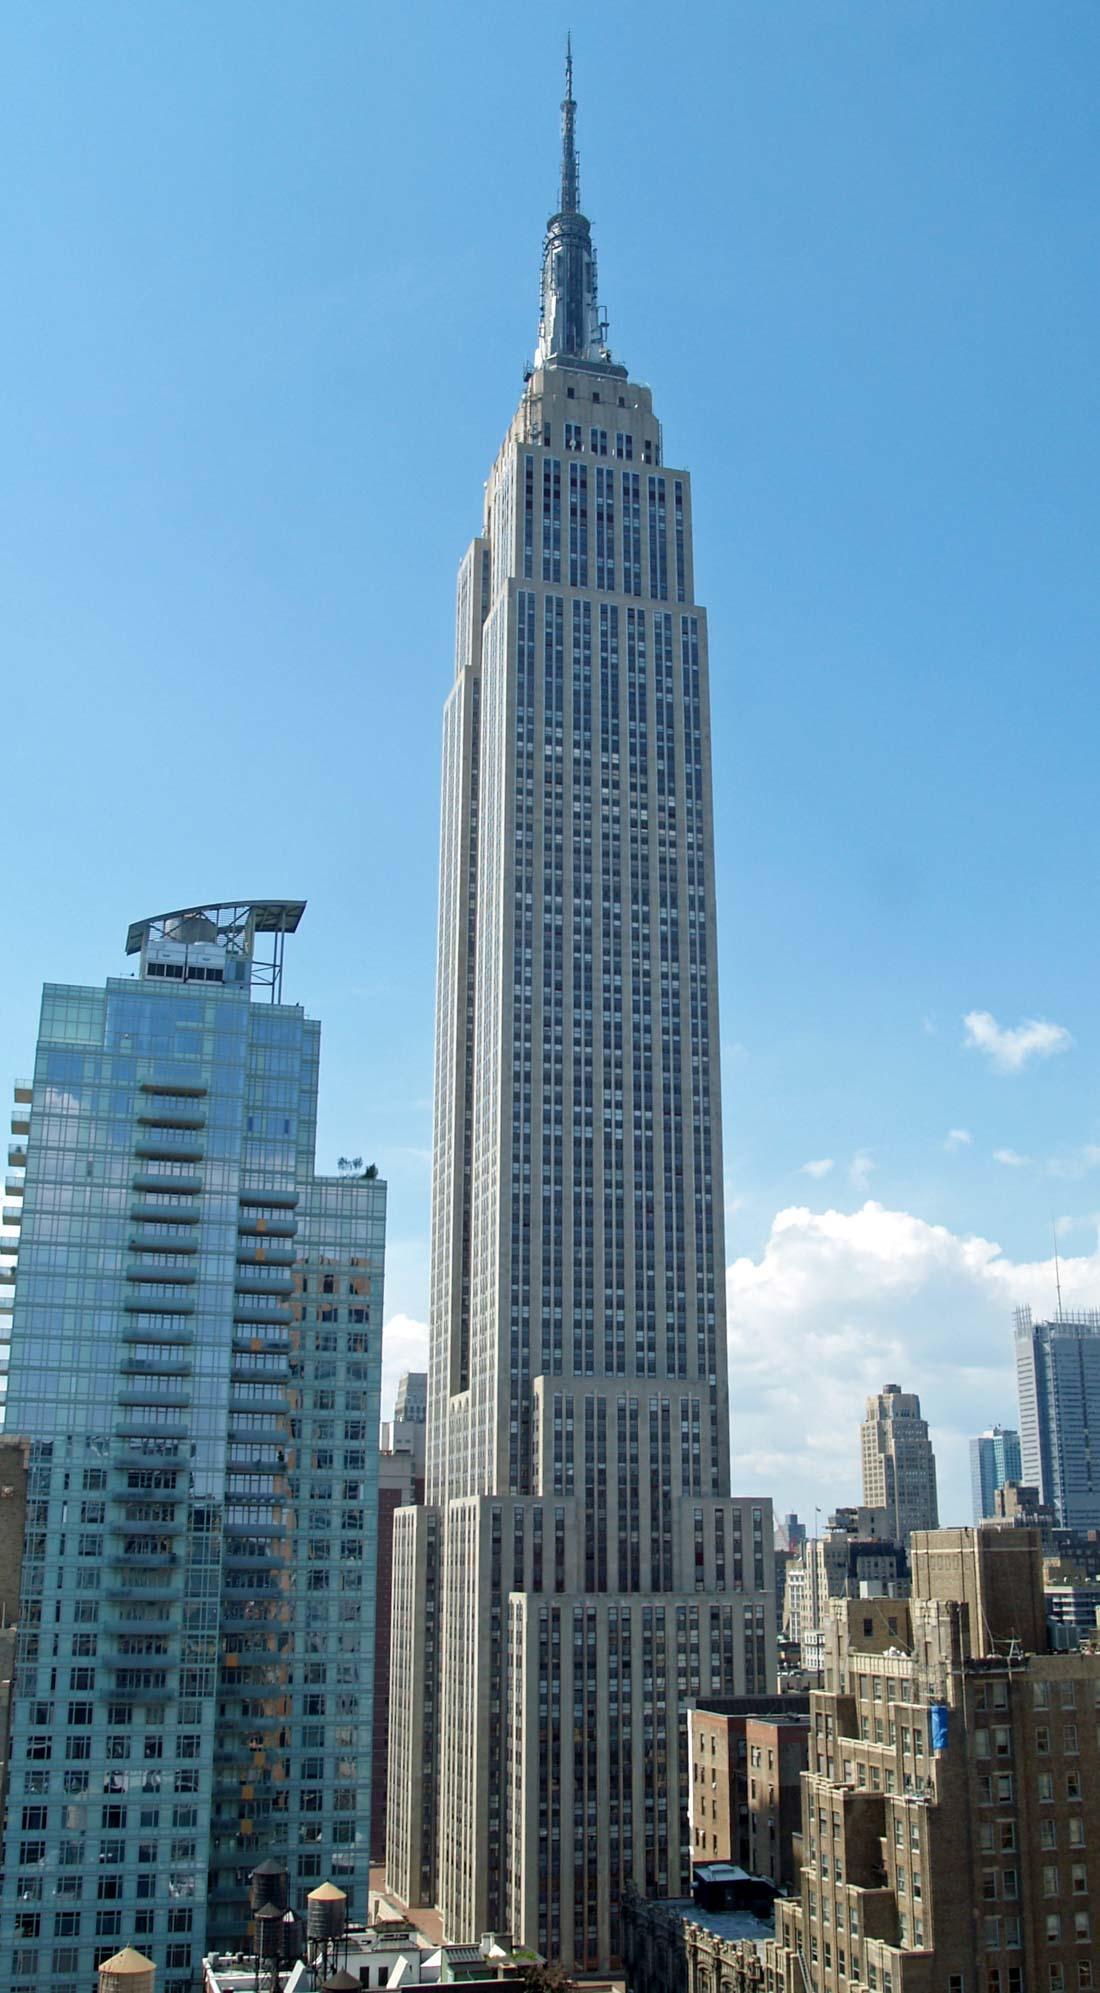 Эмпайр-стейт-билдинг (Нью-Йорк) — с 1931 по 1970 год являлся самым высоким зданием в мире. Высота со